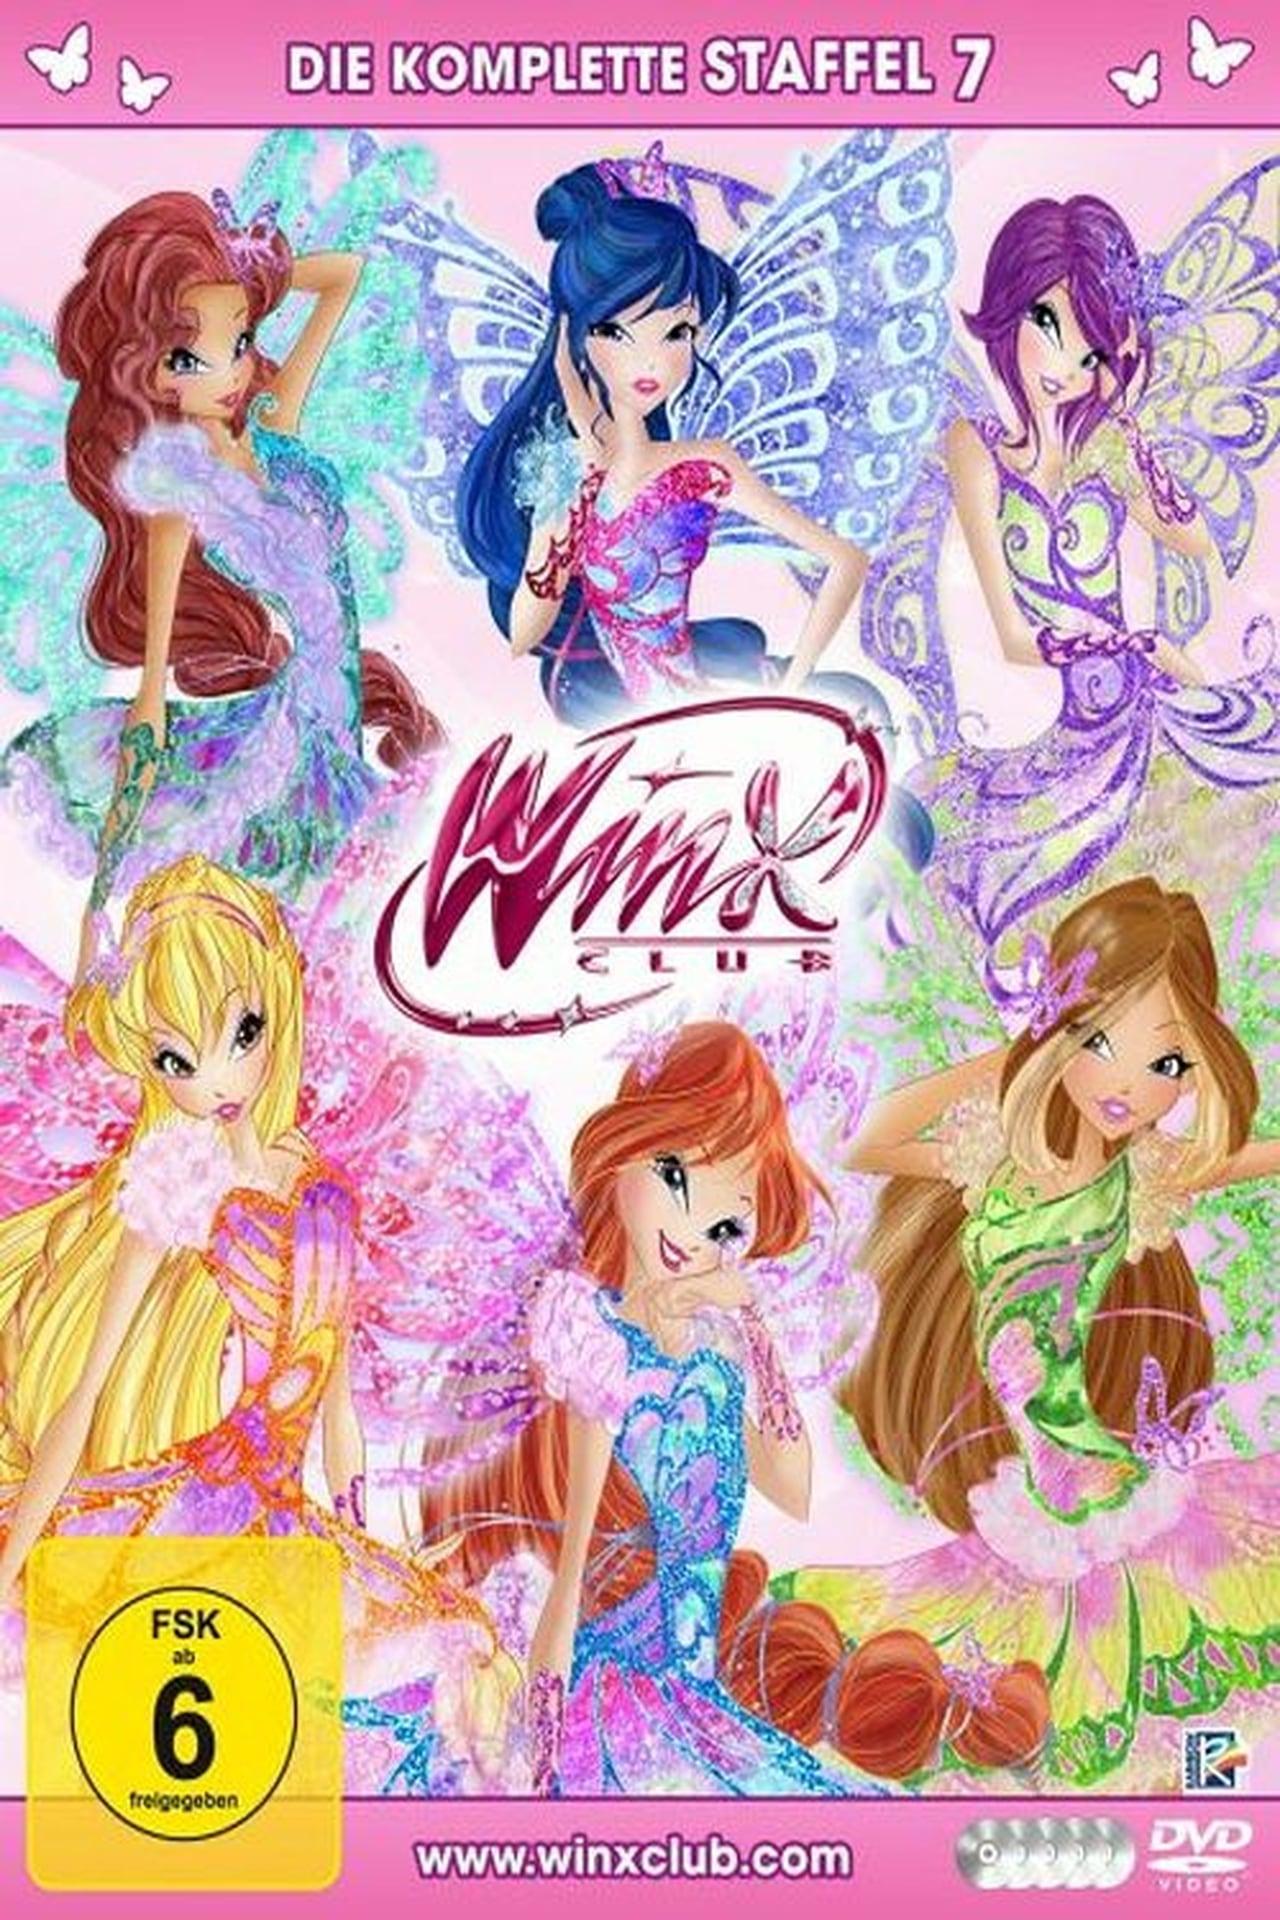 Winx Club 7